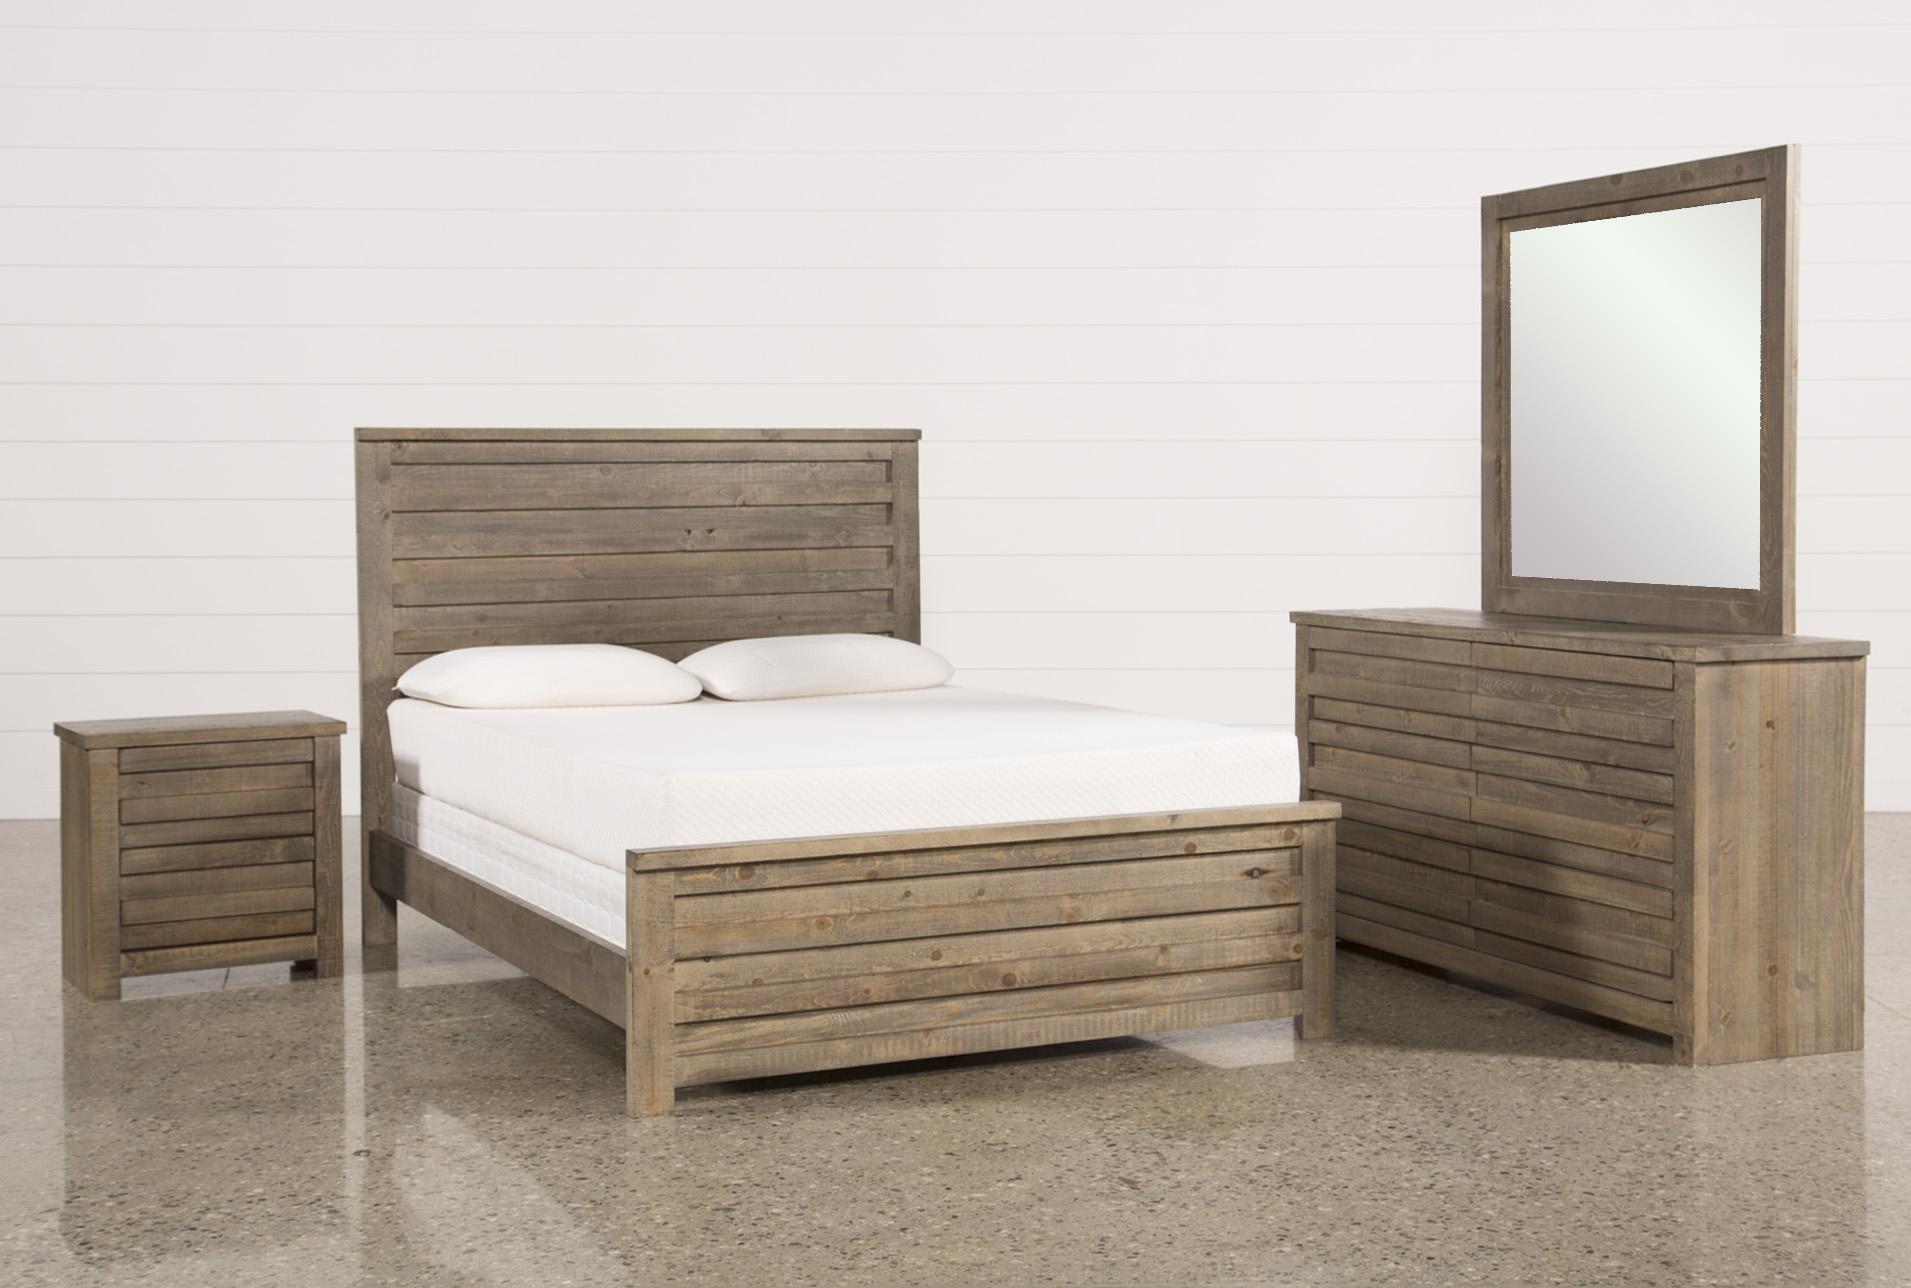 Simple Bedroom Set Furniture Design